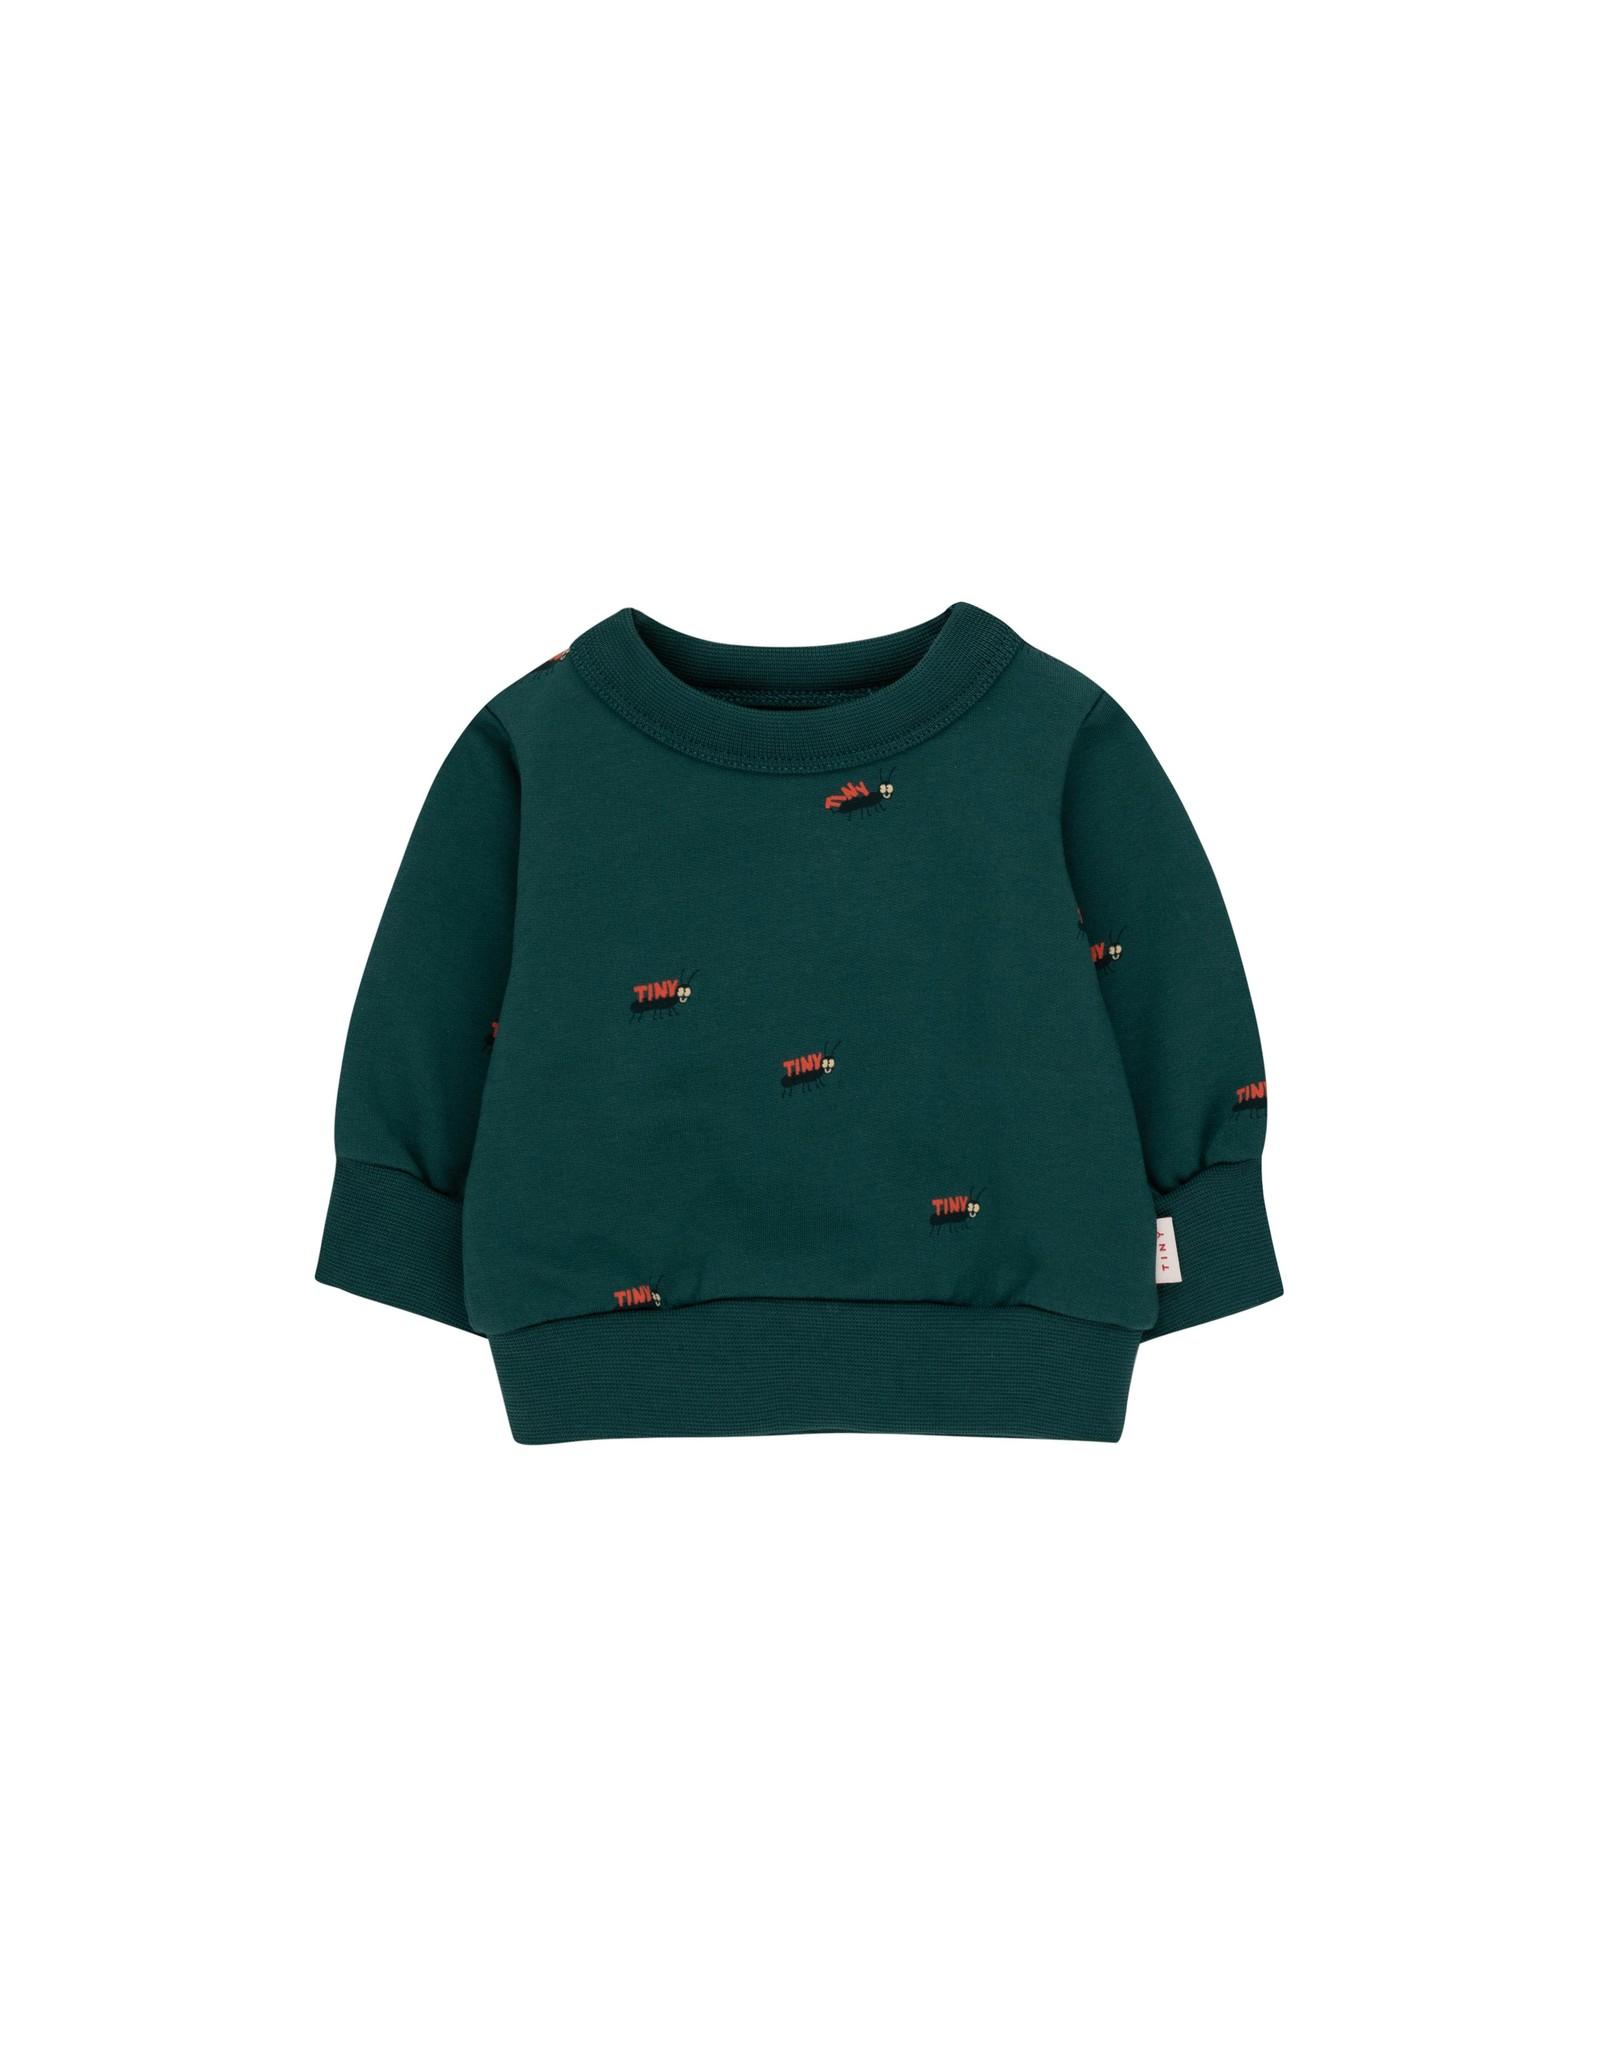 Tinycottons Ants Baby Sweatshirt